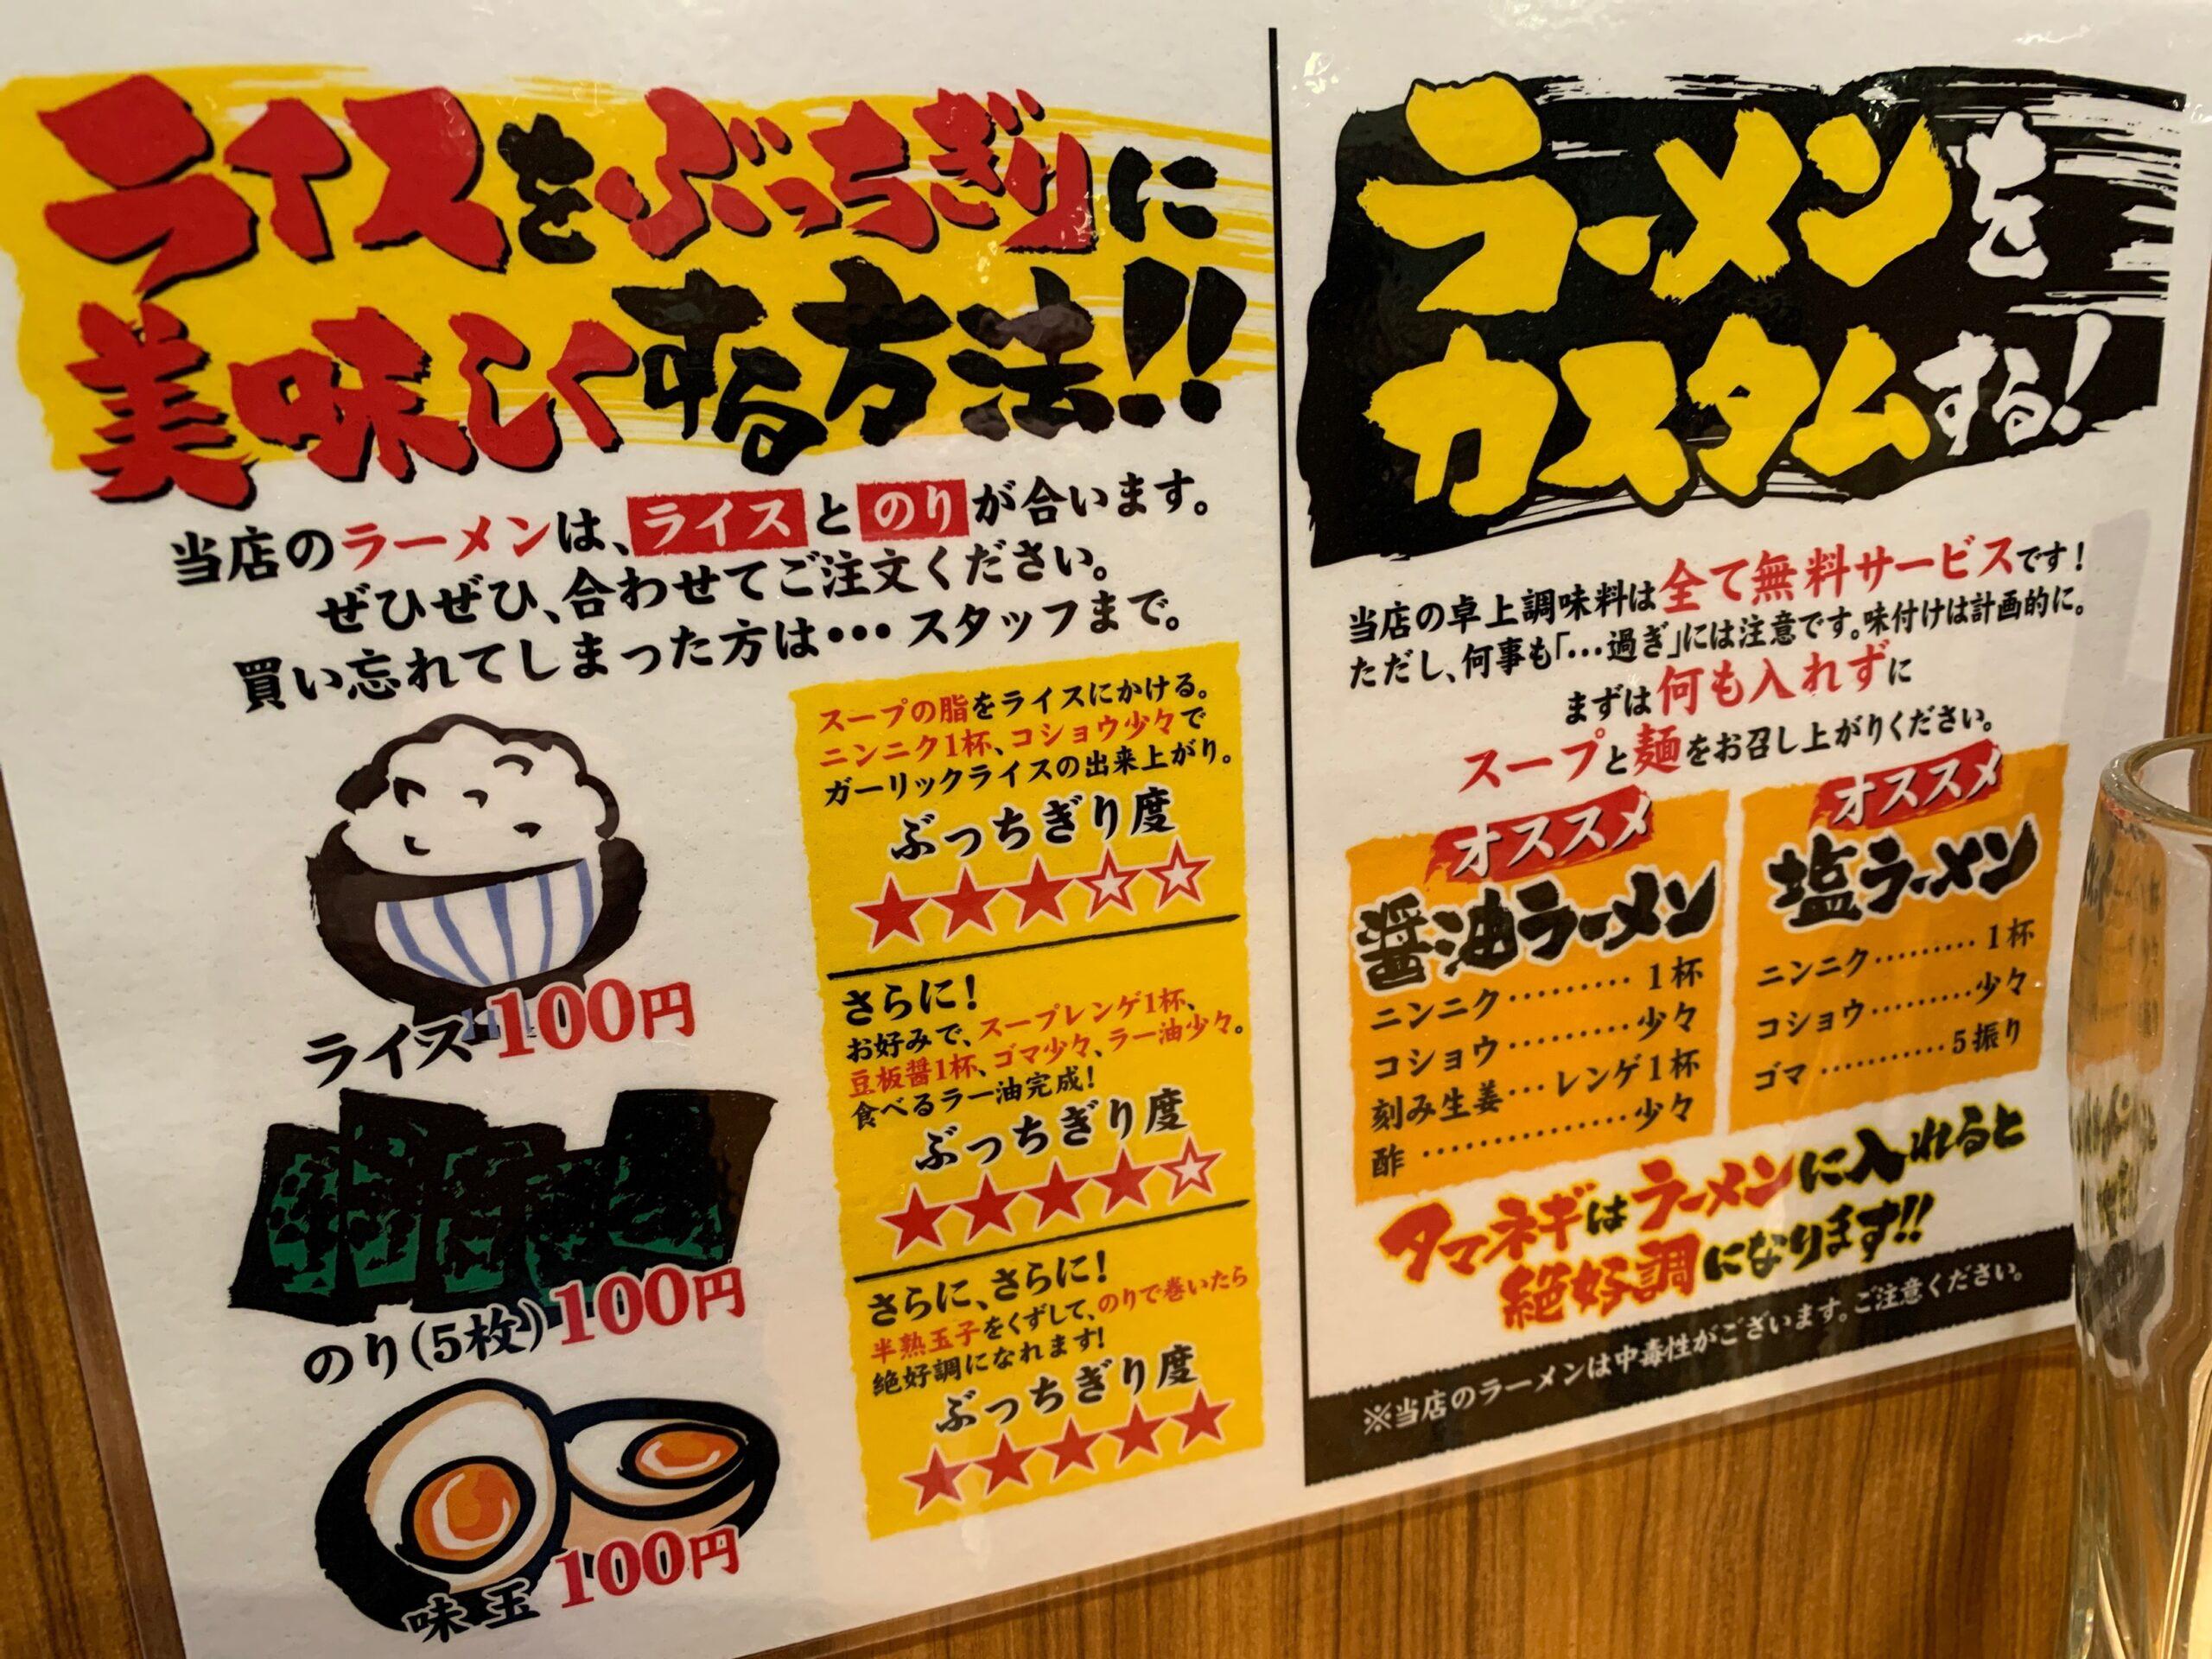 横浜家系ラーメン角蔵家のラーメンカスタム